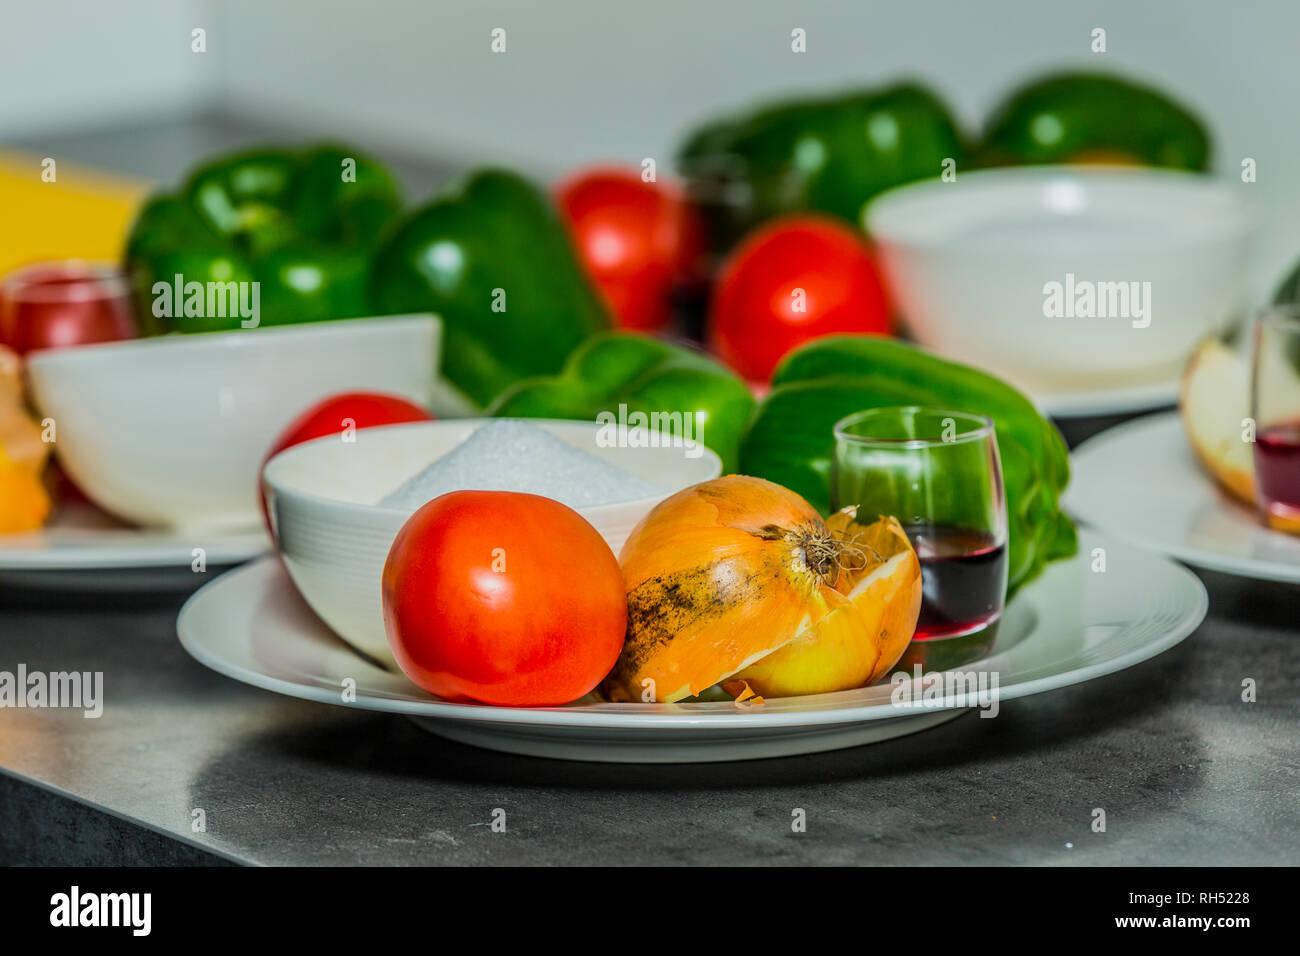 Plaque en céramique blanche avec la tomate, l'oignon, le poivron vert, le sucre dans un bol et le vinaigre dans une tasse en verre sur une table en métal, une combinaison de couleurs et de textures Photo Stock